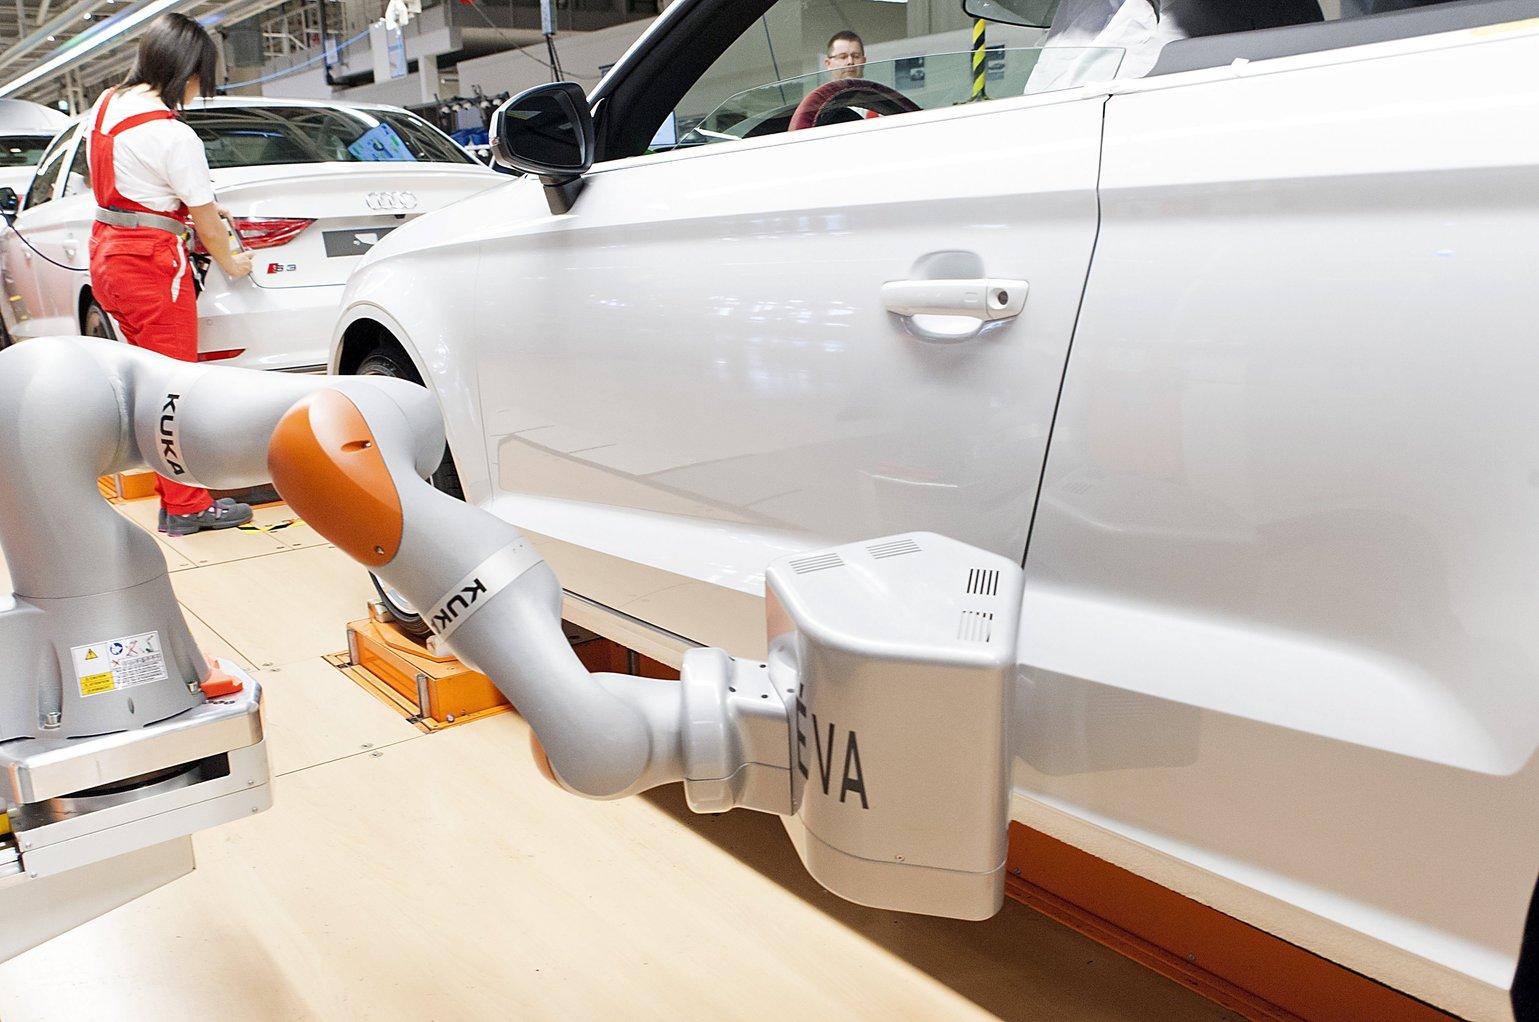 Győr, 2016. június 2. Egy KUKA iiwa R820 típusú robot az Audi Hungaria Motor Kft. győri gyárában 2016. június 2-án. A robotból, amelyeket az autók fugáinak és az alkatrészek illeszkedésének mérésére használják, kettőt állítottak üzembe. A berendezések a nehezen elérhető helyeken mérnek, amellyel a munkafolyamat felét veszik át a dolgozóktól. Ez autónként a munkaidő felét, naponta 14 ezer mérést jelent. MTI Fotó: Krizsán Csaba